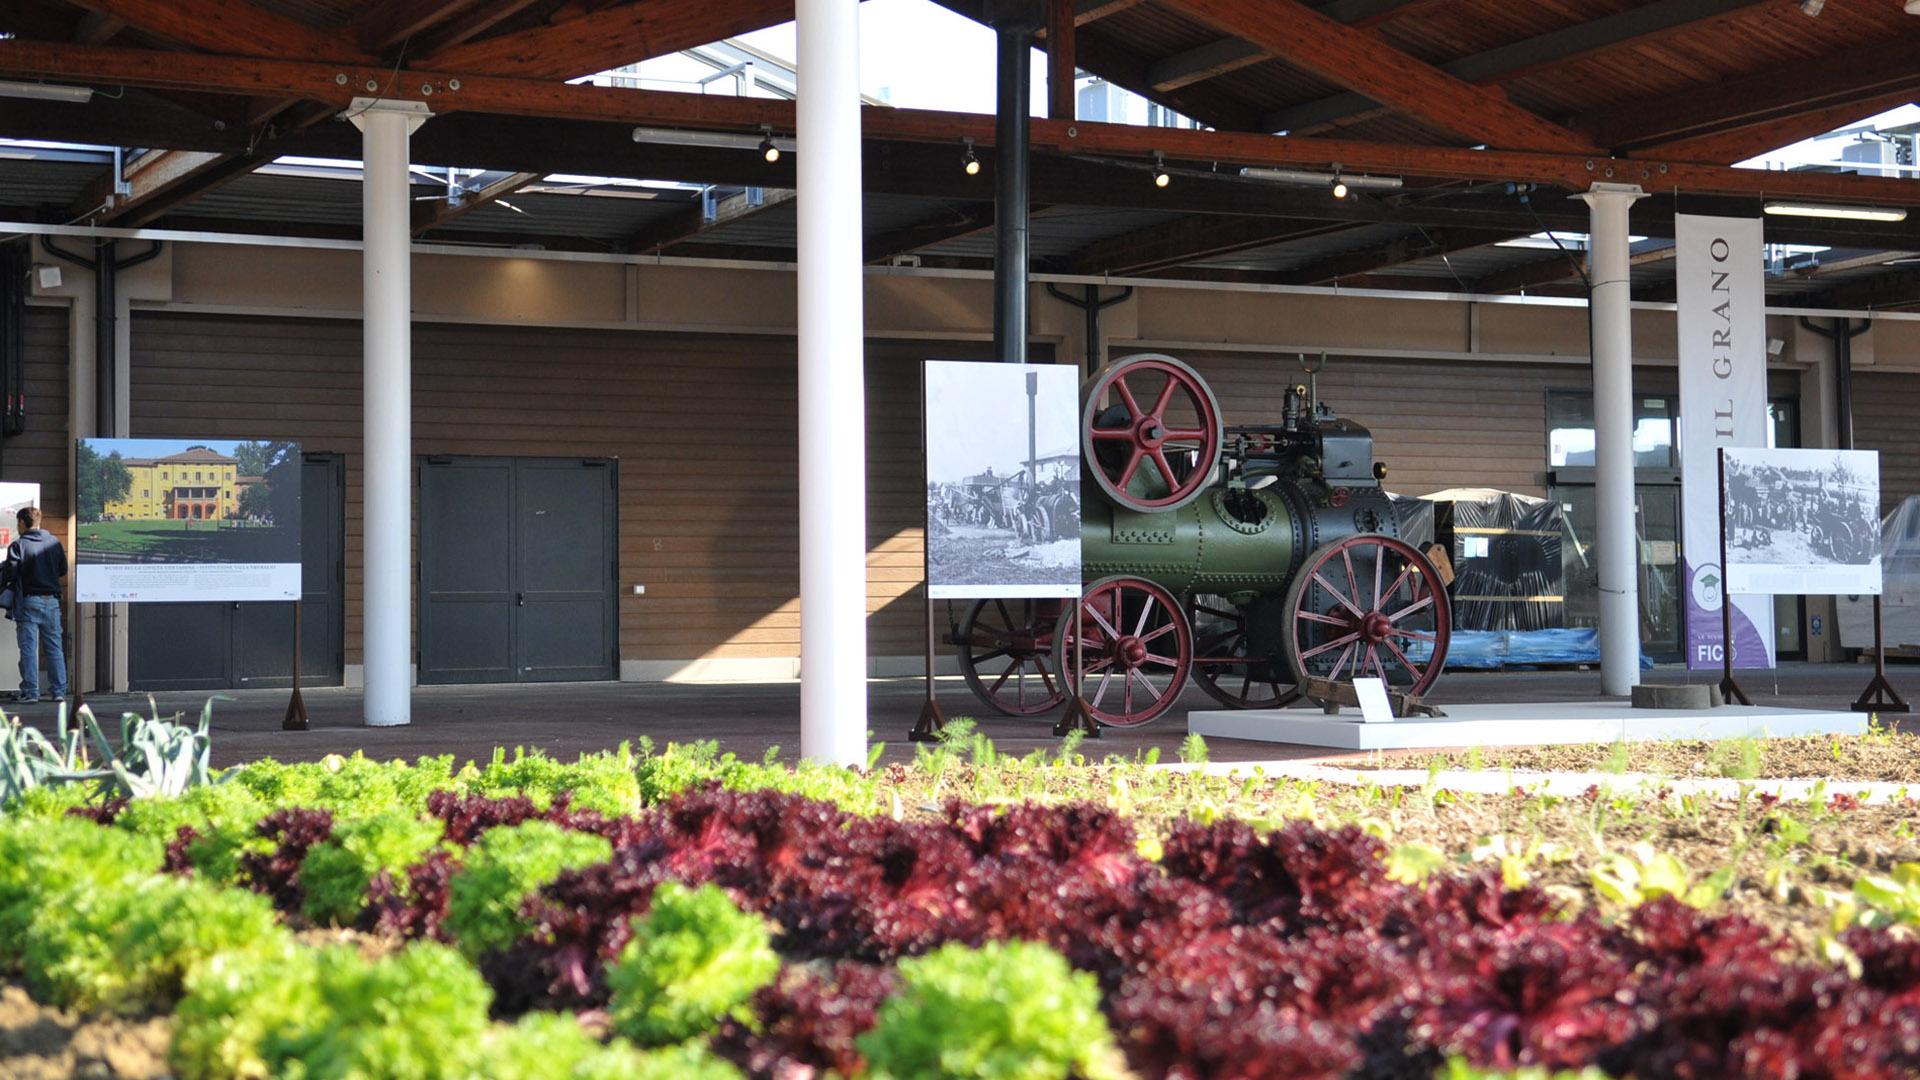 Il Museo della Civiltà Contadina della Città metropolitana arriva a Fico, parte la collaborazione con il Parco dell'agroalimentare